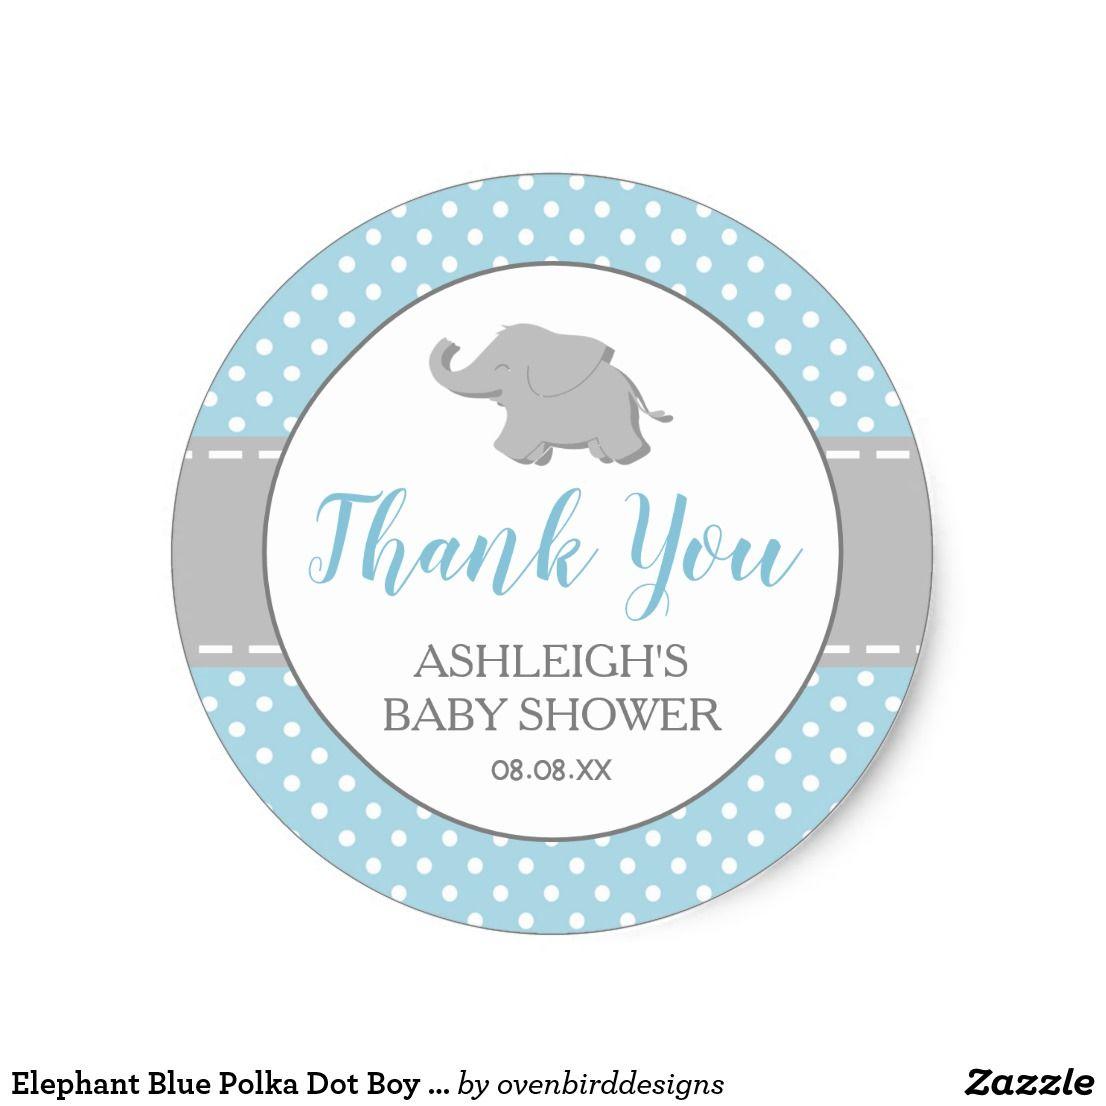 Elephant Blue Polka Dot Boy Baby Shower Classic Round Sticker Baby Shower Stickers Baby Shower Labels Baby Boy Shower